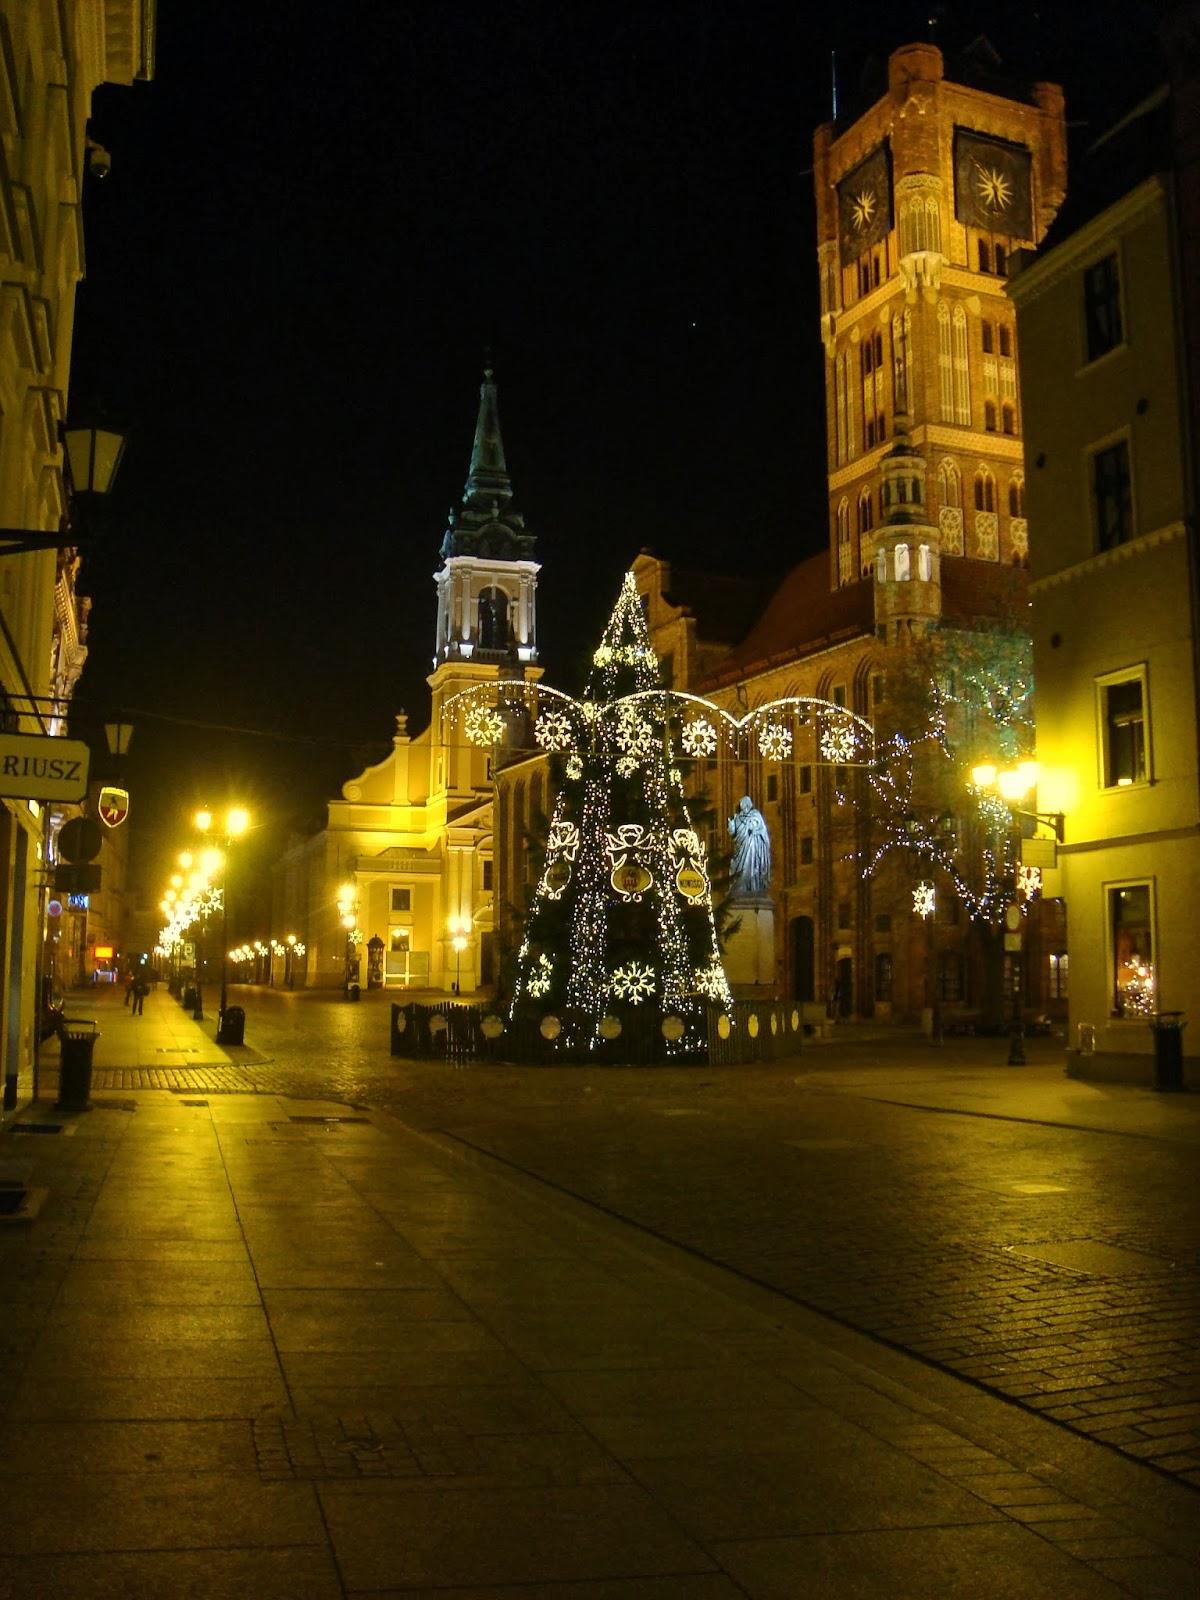 świąteczny Toruń, ratusz, choinka, stary rynek